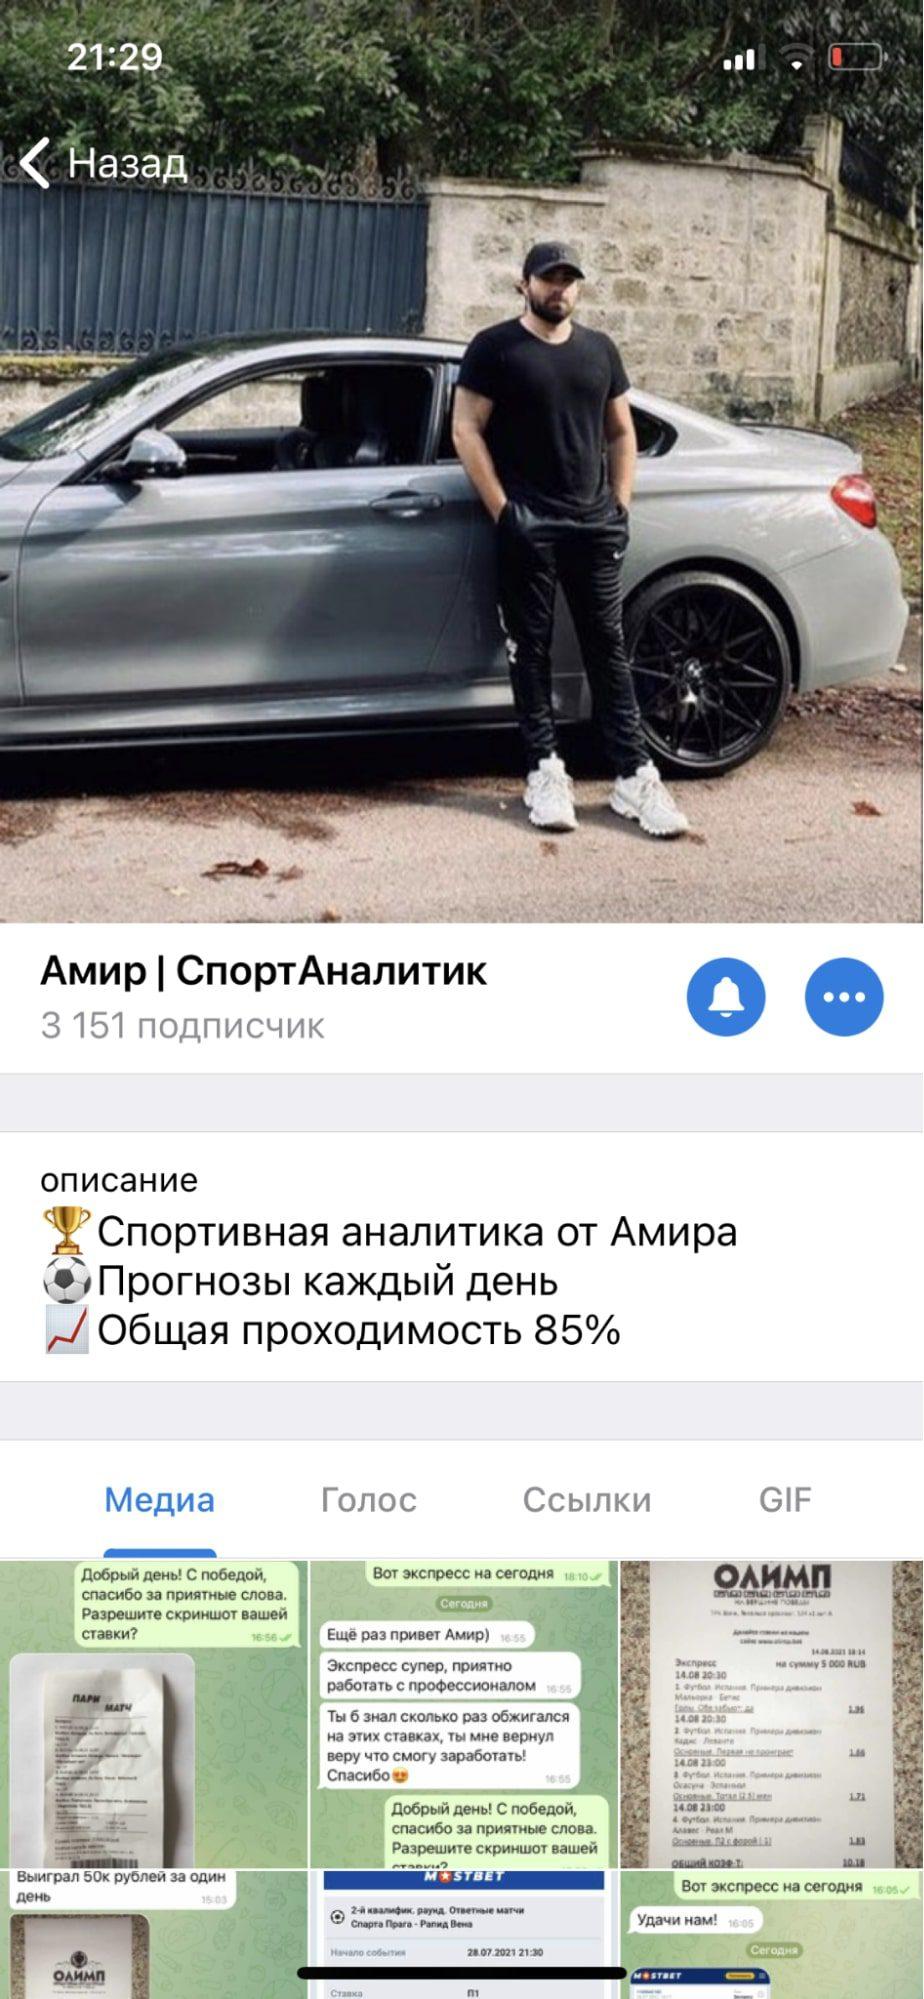 Амир спортивный аналитик в Телеграмм